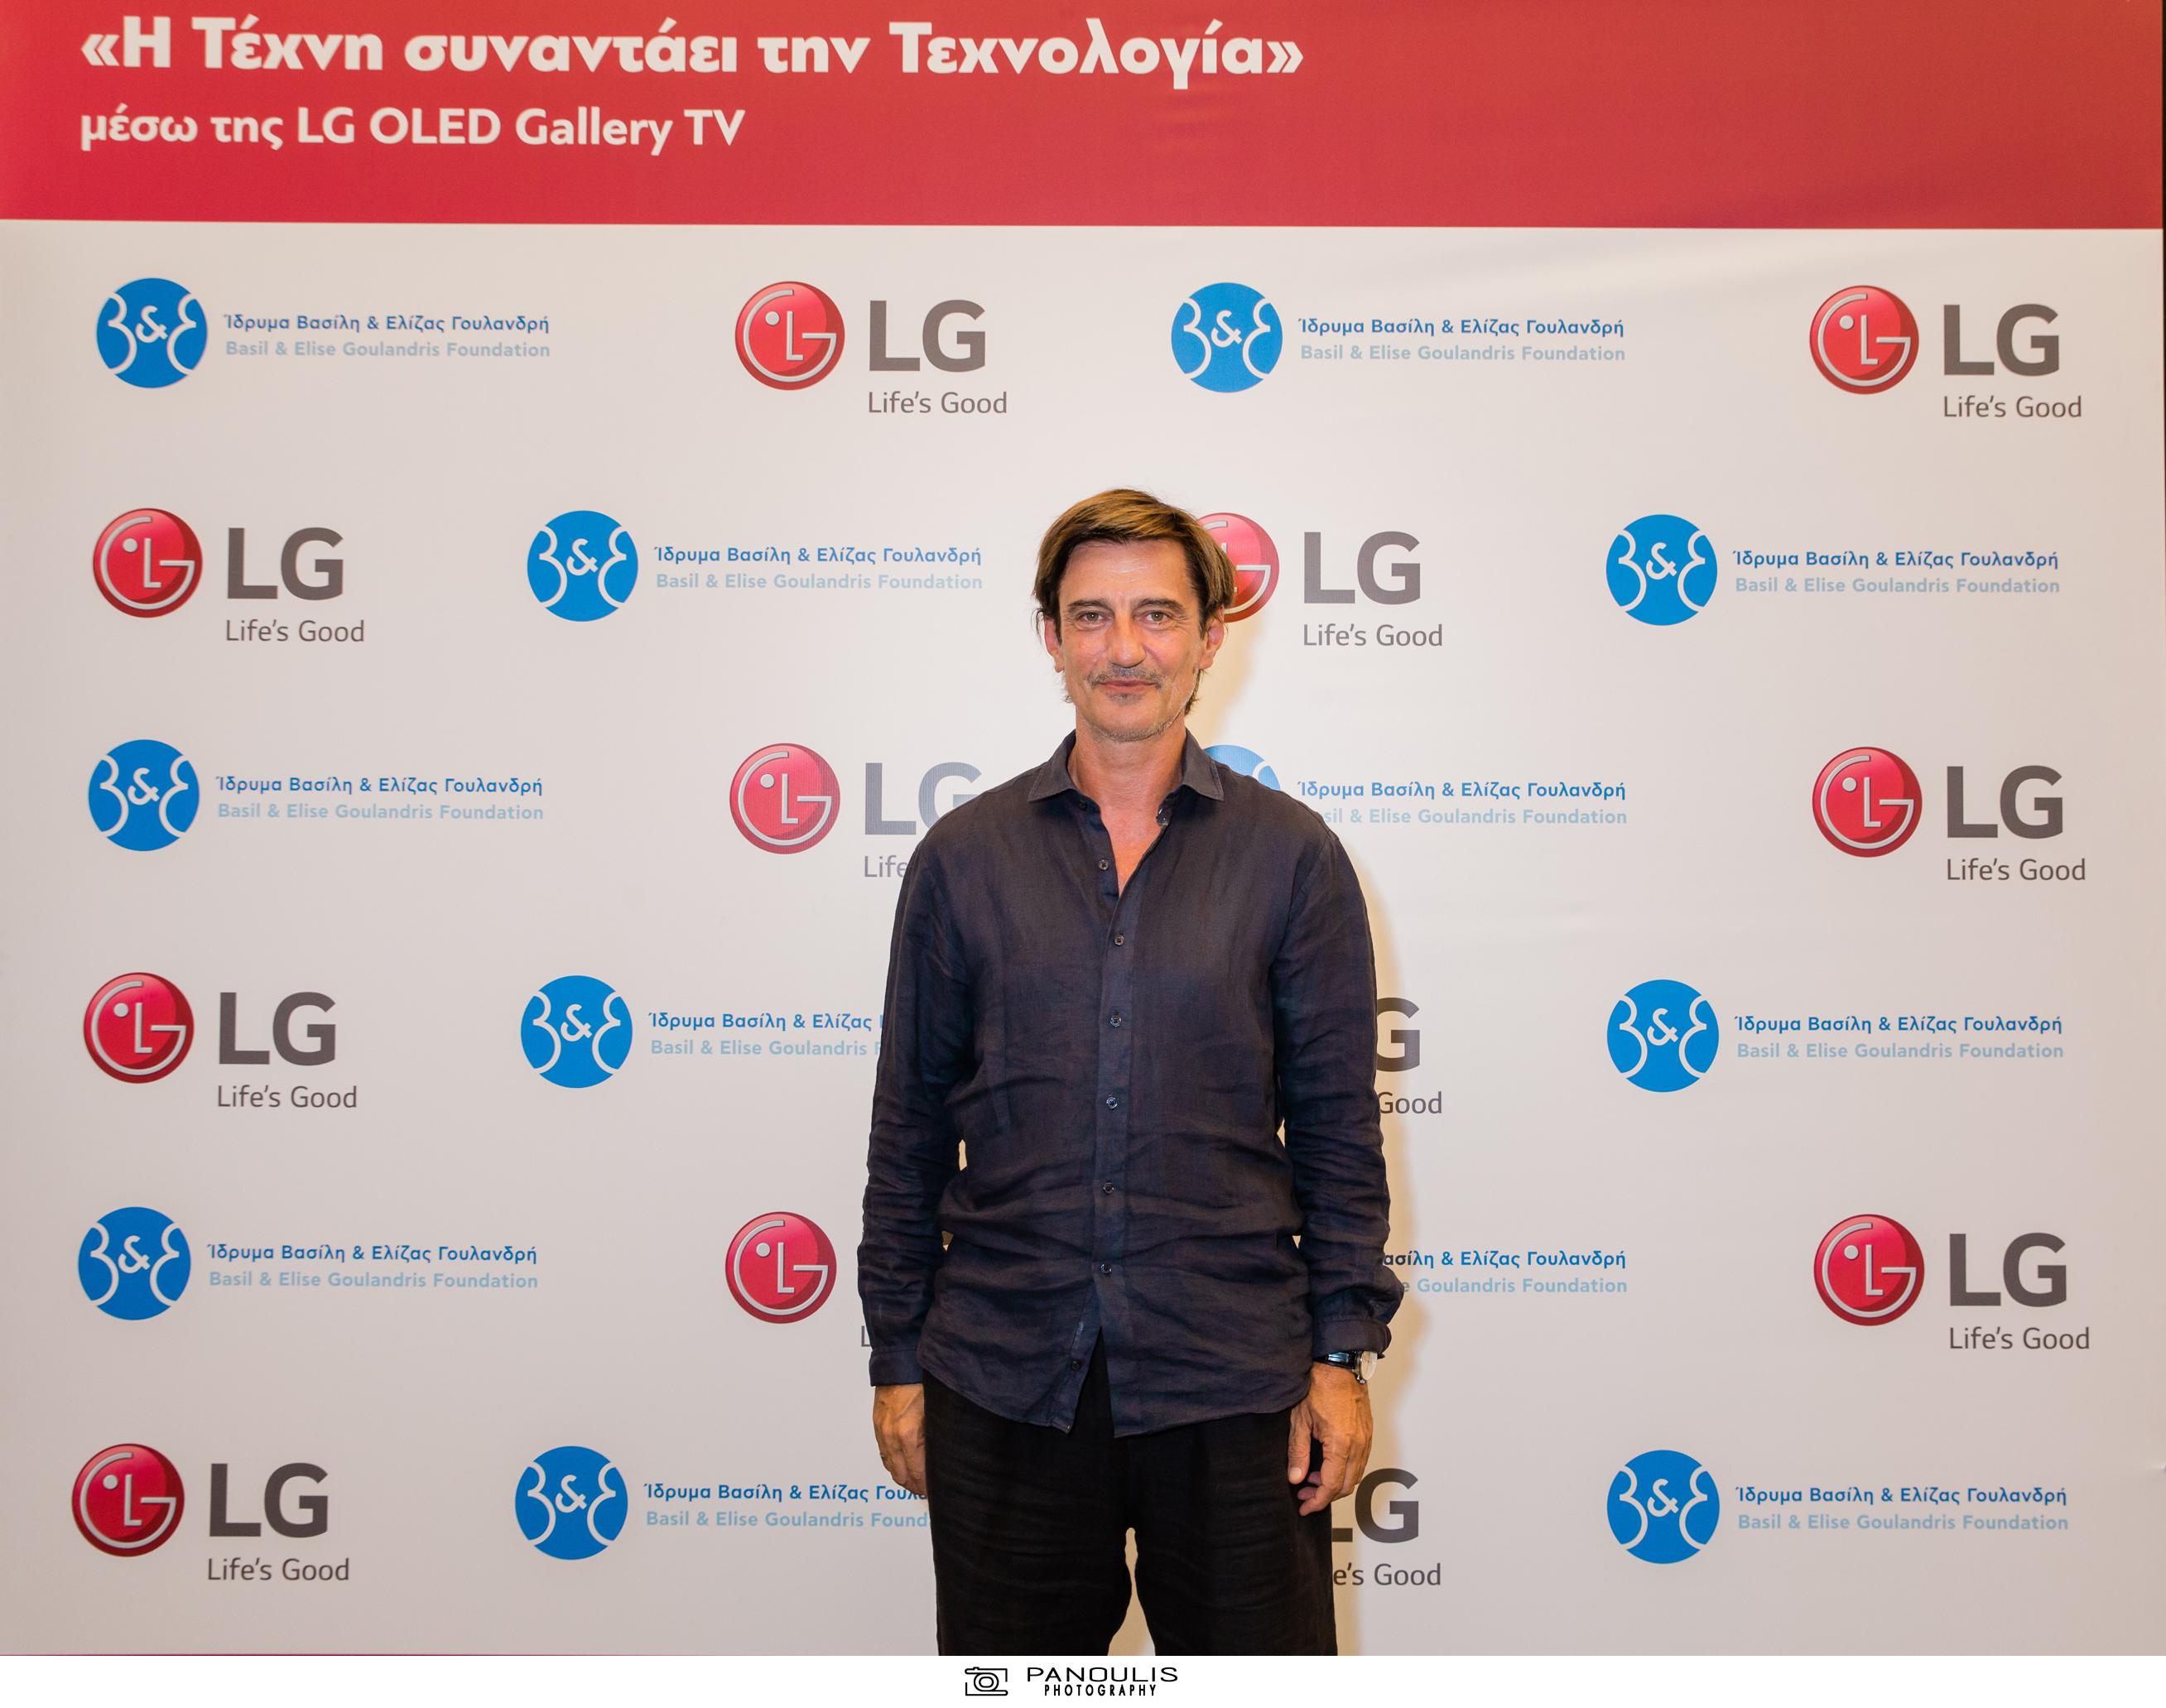 LG Electronics – Ίδρυμα Β&Ε Γουλανδρή: Η τέχνη συναντάει την τεχνολογία 4